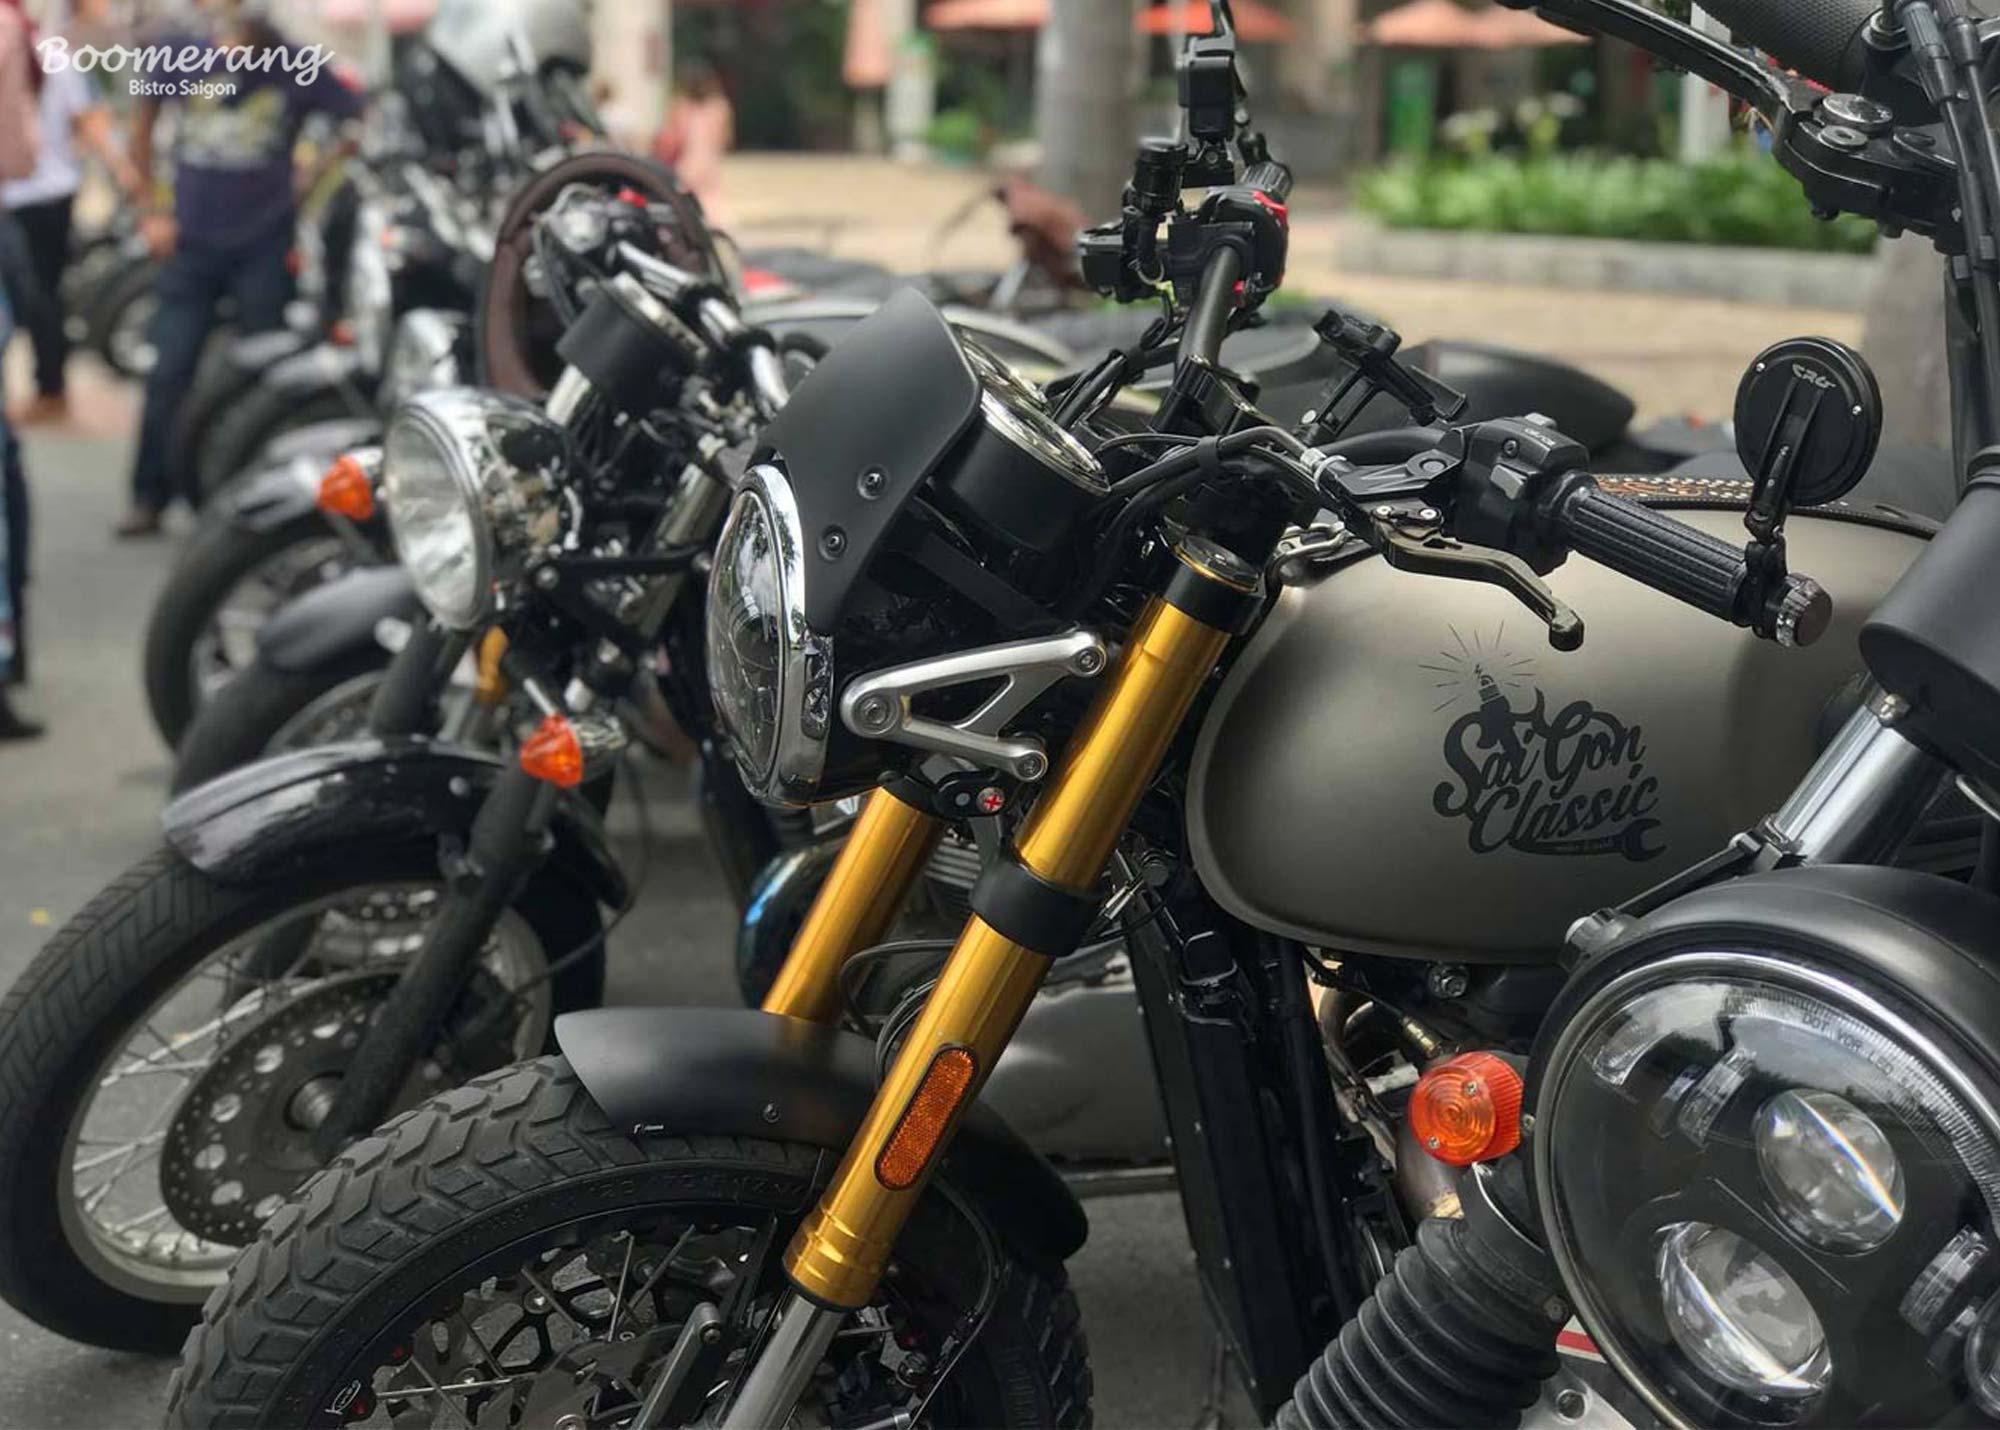 Triumph motors gathering event